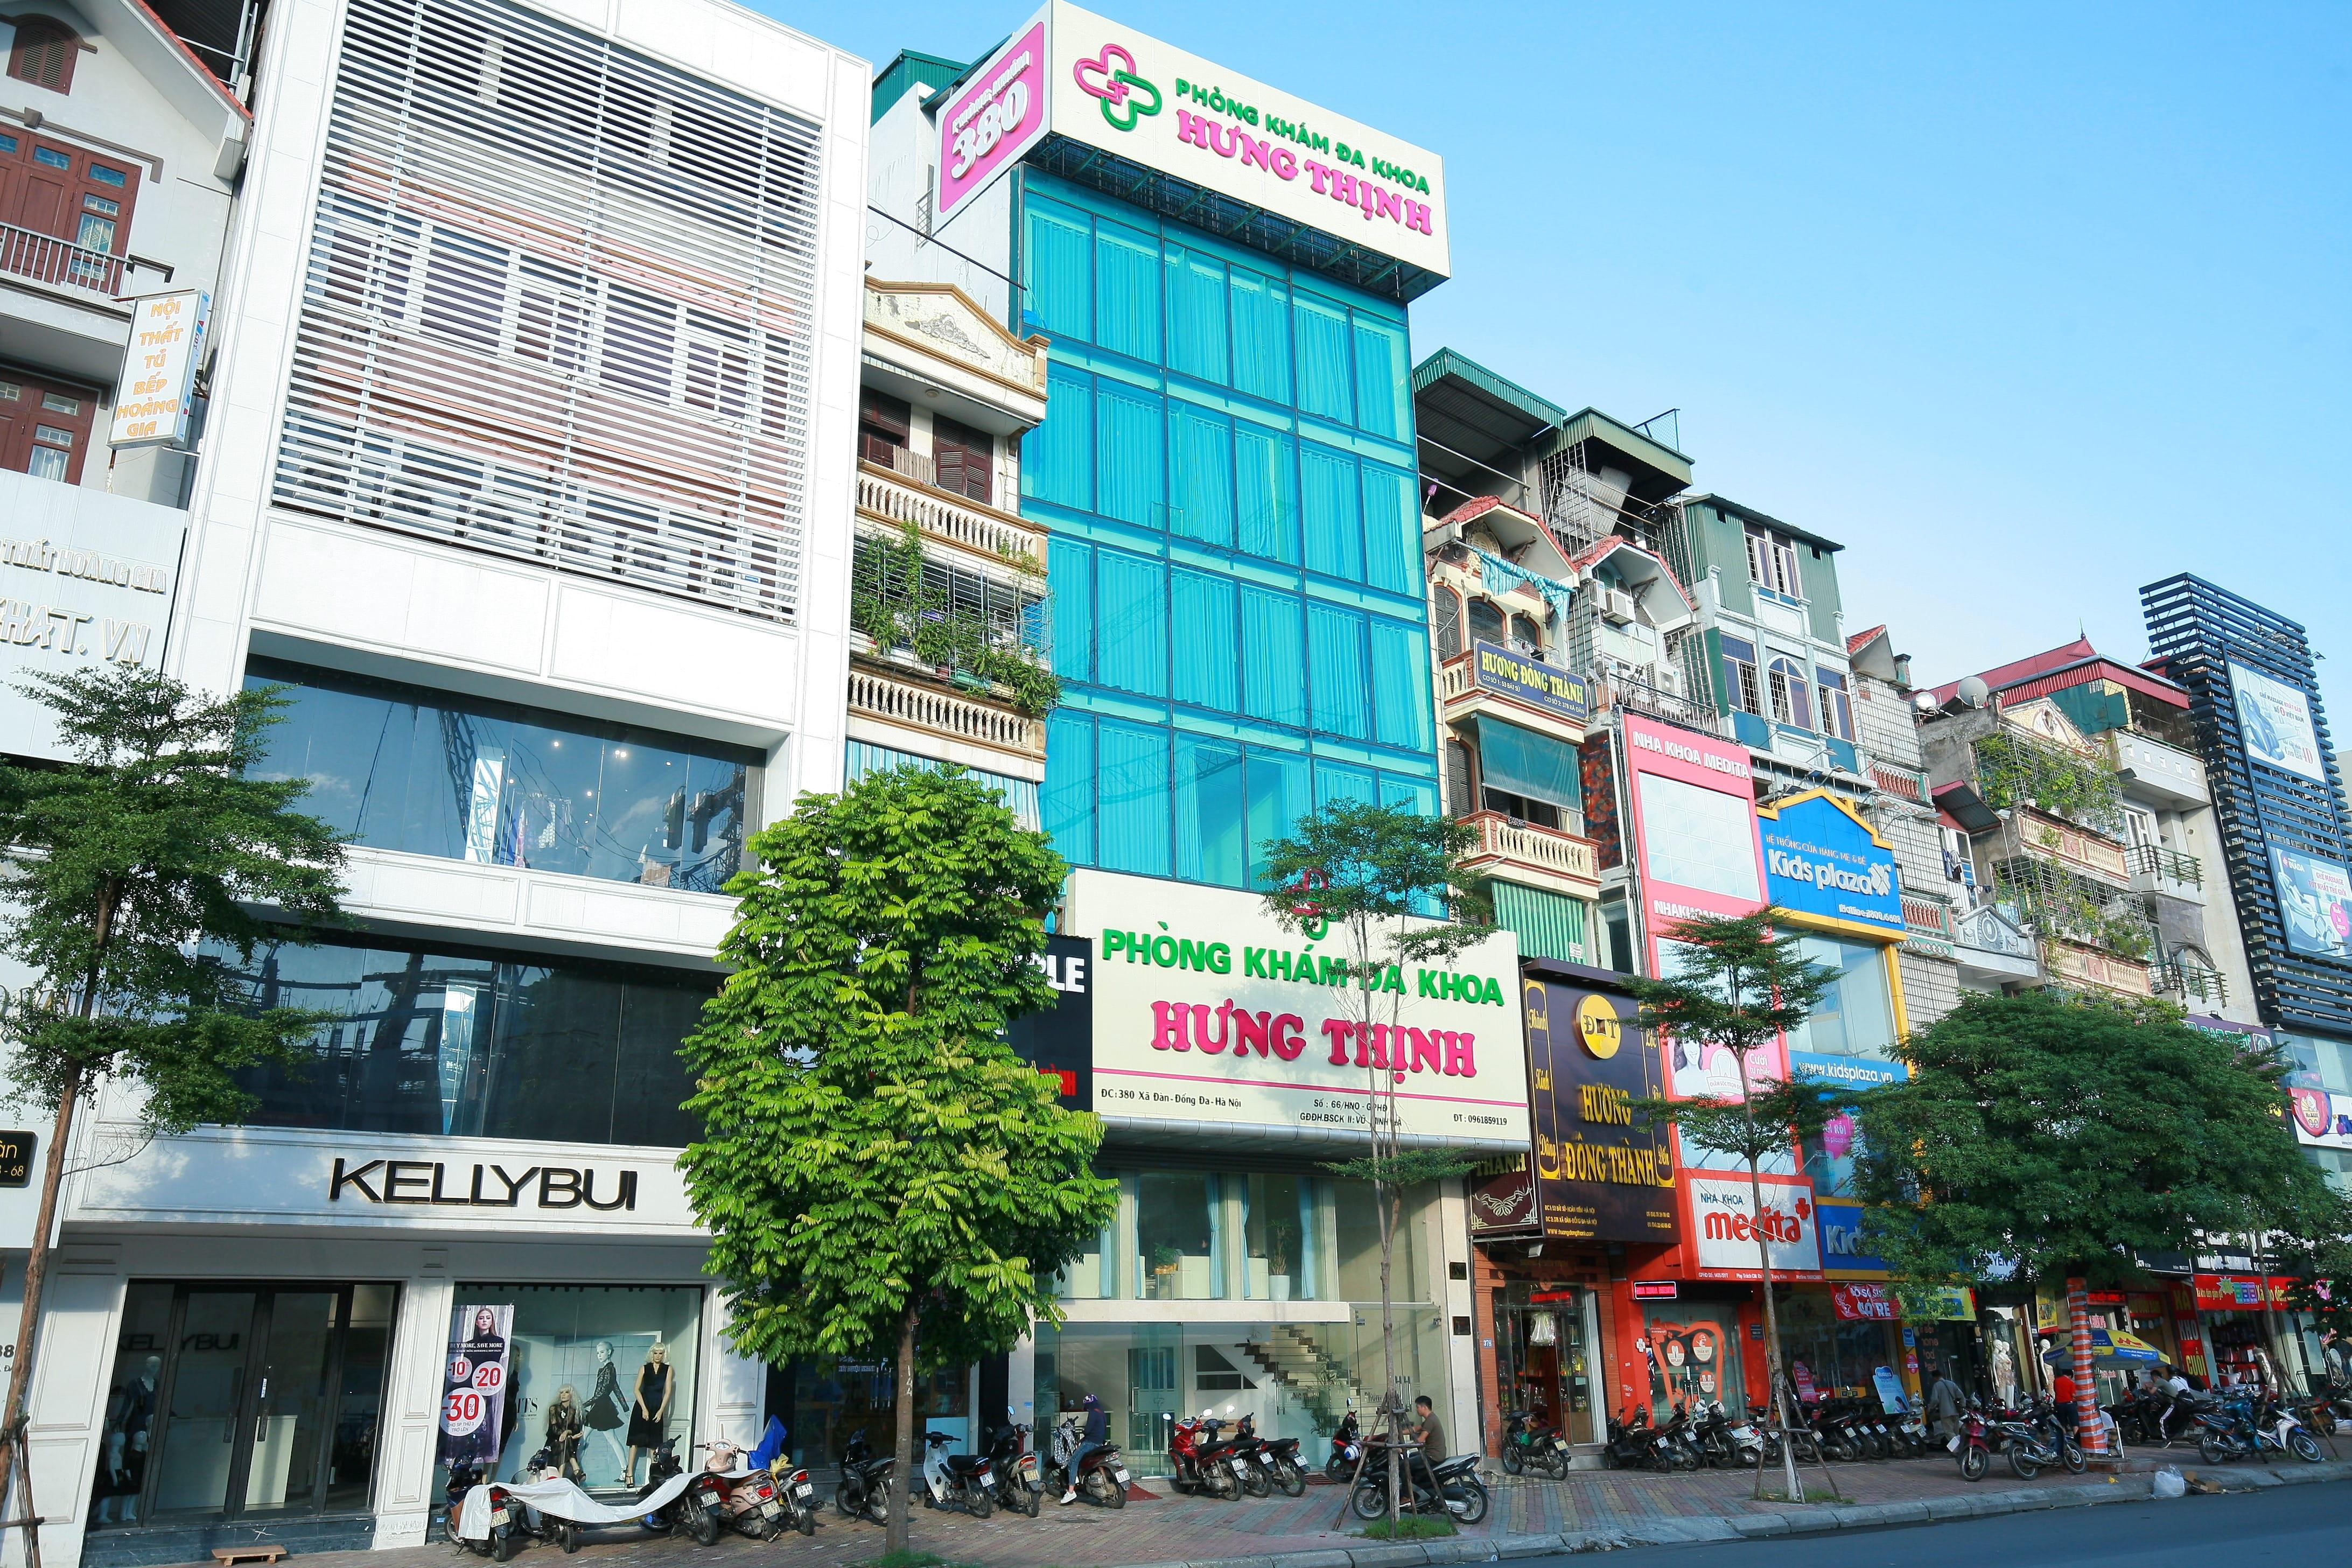 Phòng khám chữa bệnh xã hội Hưng Thịnh